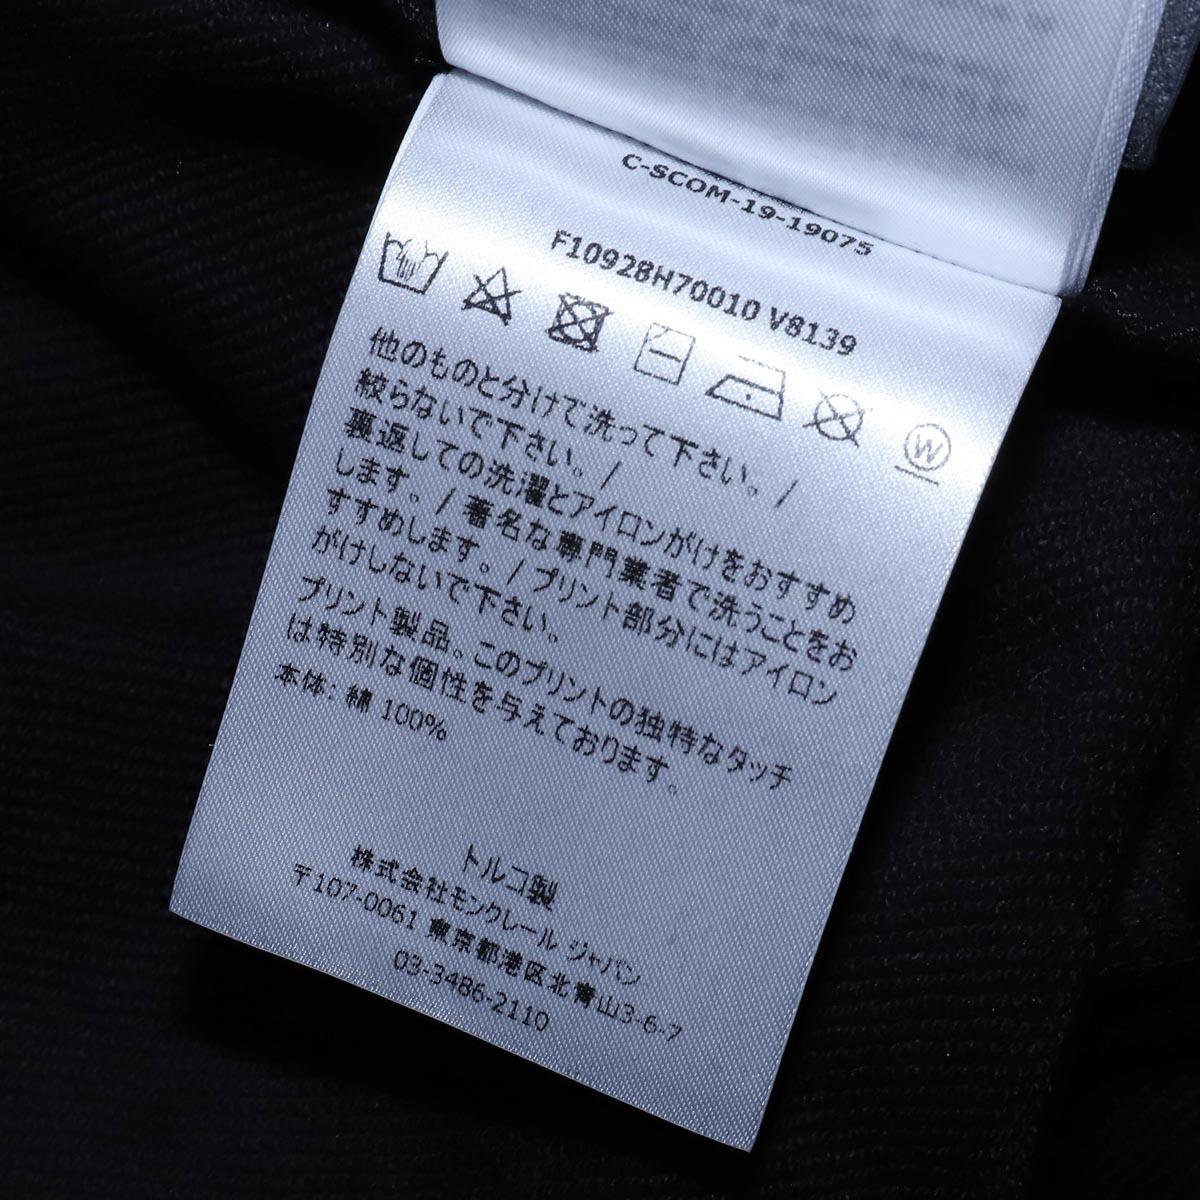 本物 極上品 モンクレール×アウェイクニューヨーク コラボ ドローコード付き ジーニアススウエットパンツ メンズS ブラック ボトム_画像7